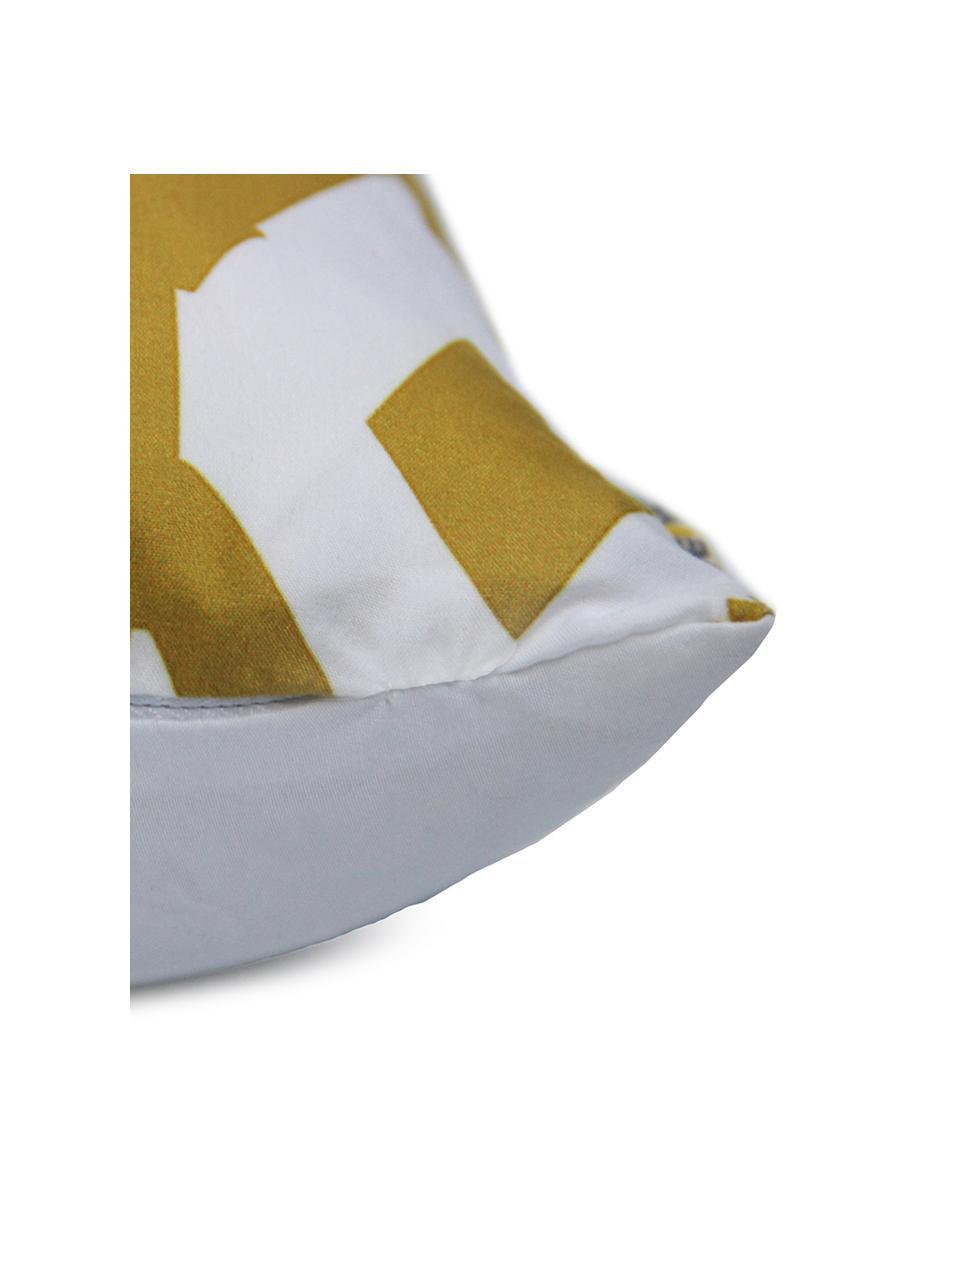 Kissenhülle Barbara, 100% Polyester, Weiß, Gelb, 40 x 40 cm